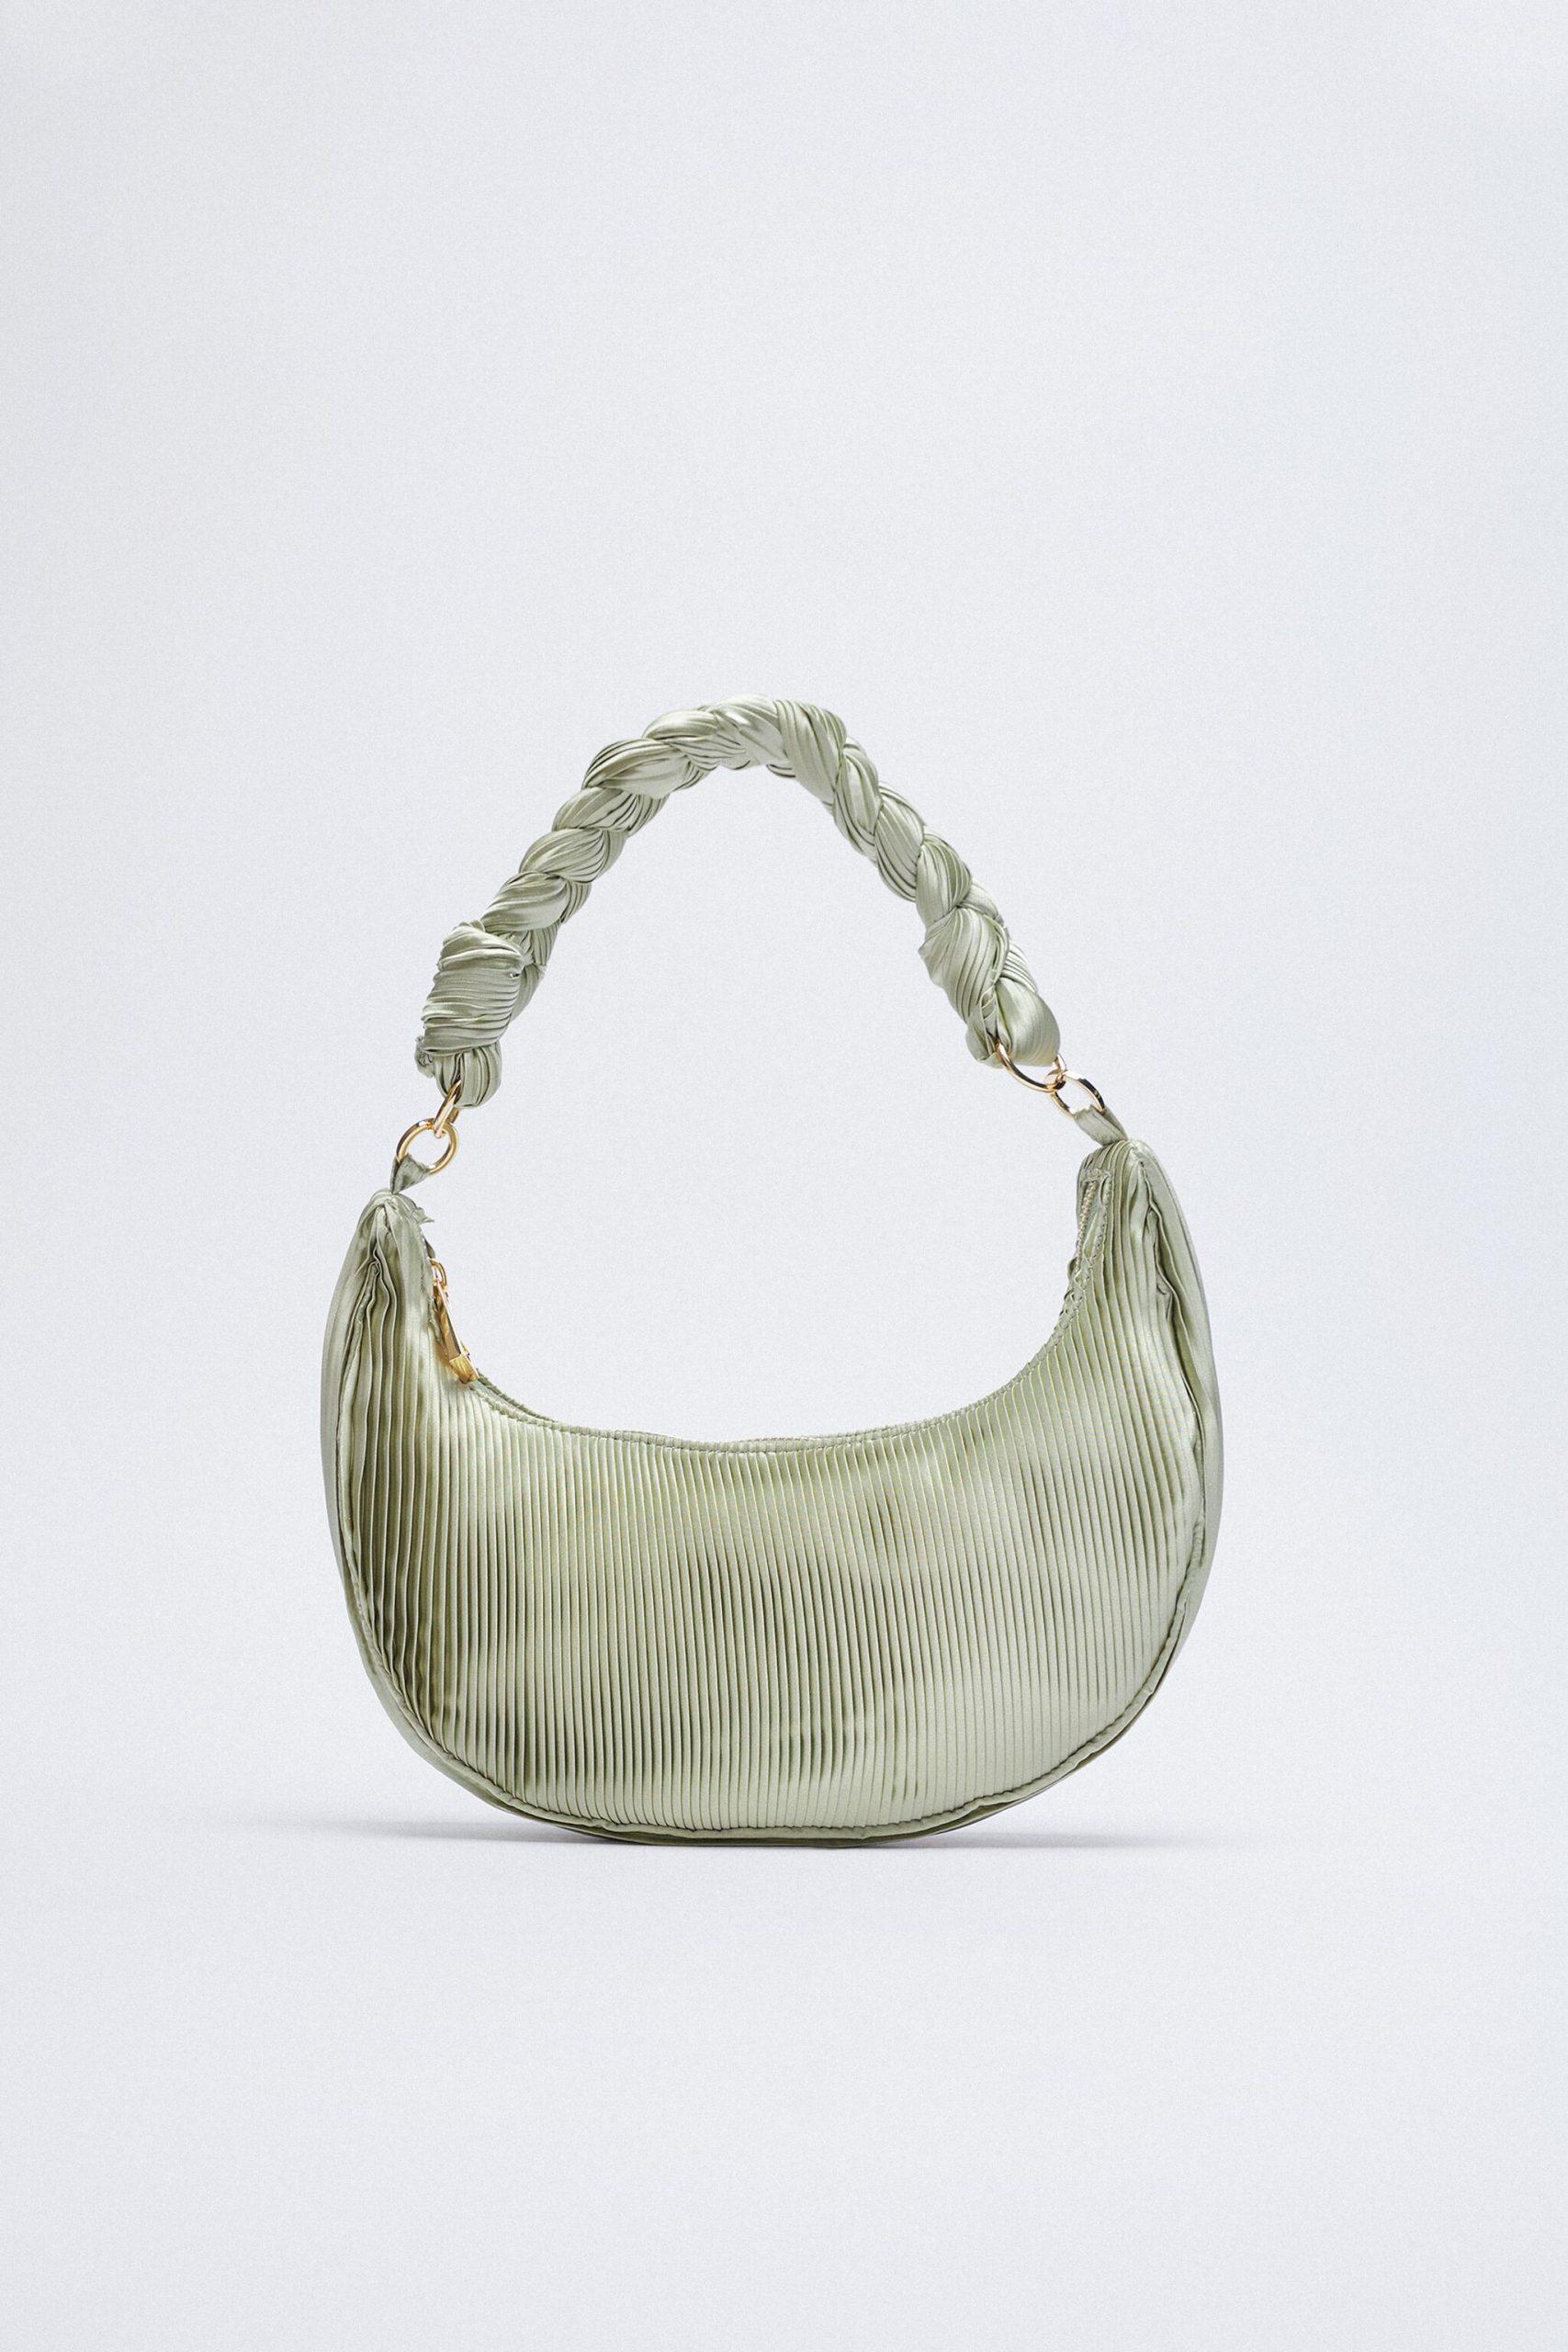 Túi xách Zara hình bán nguyệt